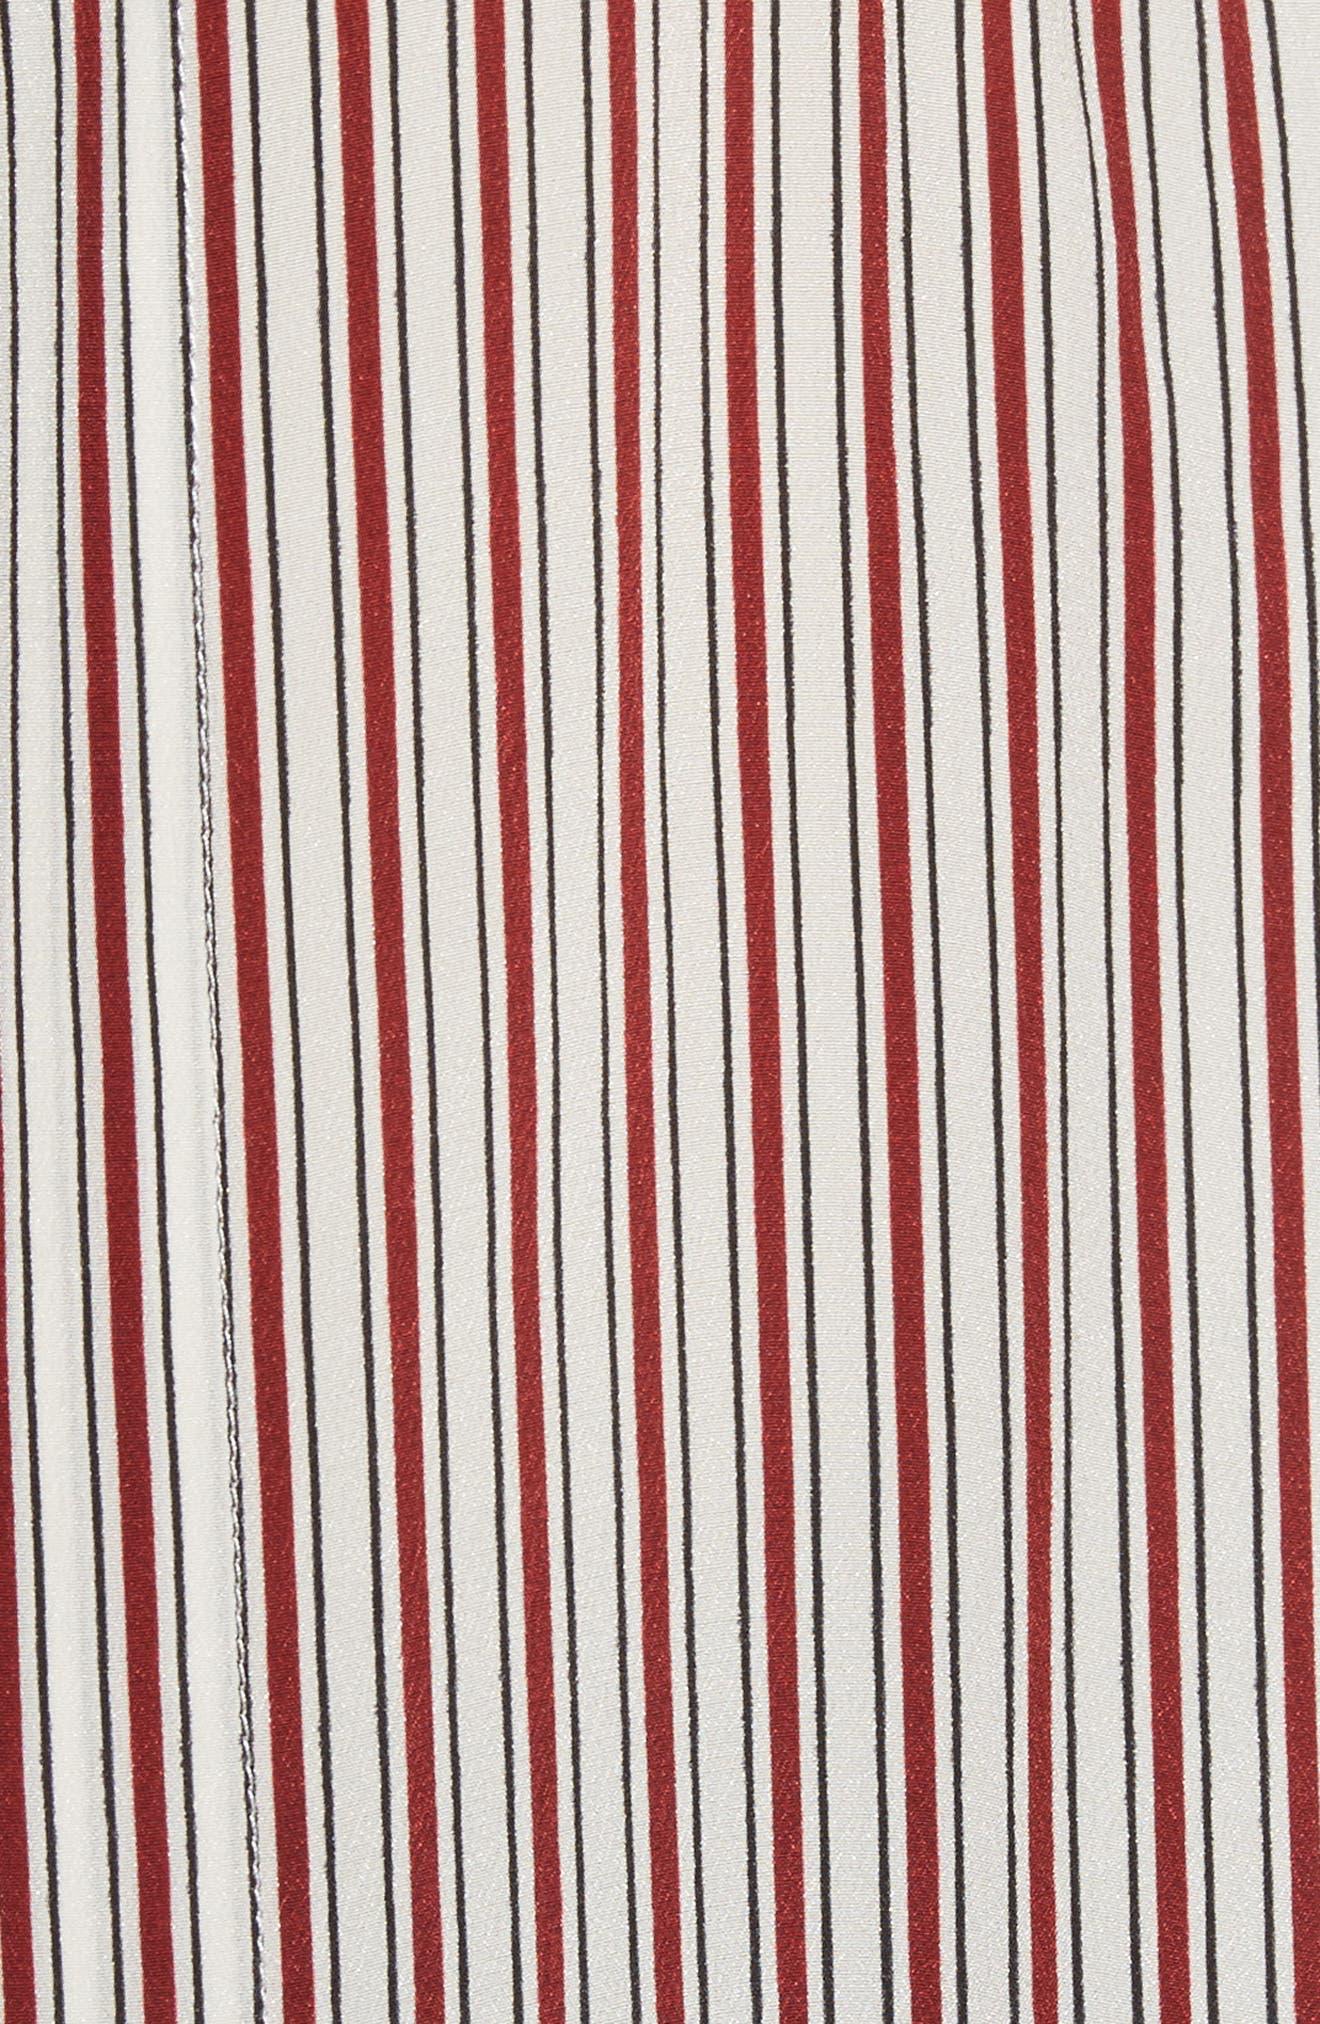 Lace Inset Stripe Blouse,                             Alternate thumbnail 5, color,